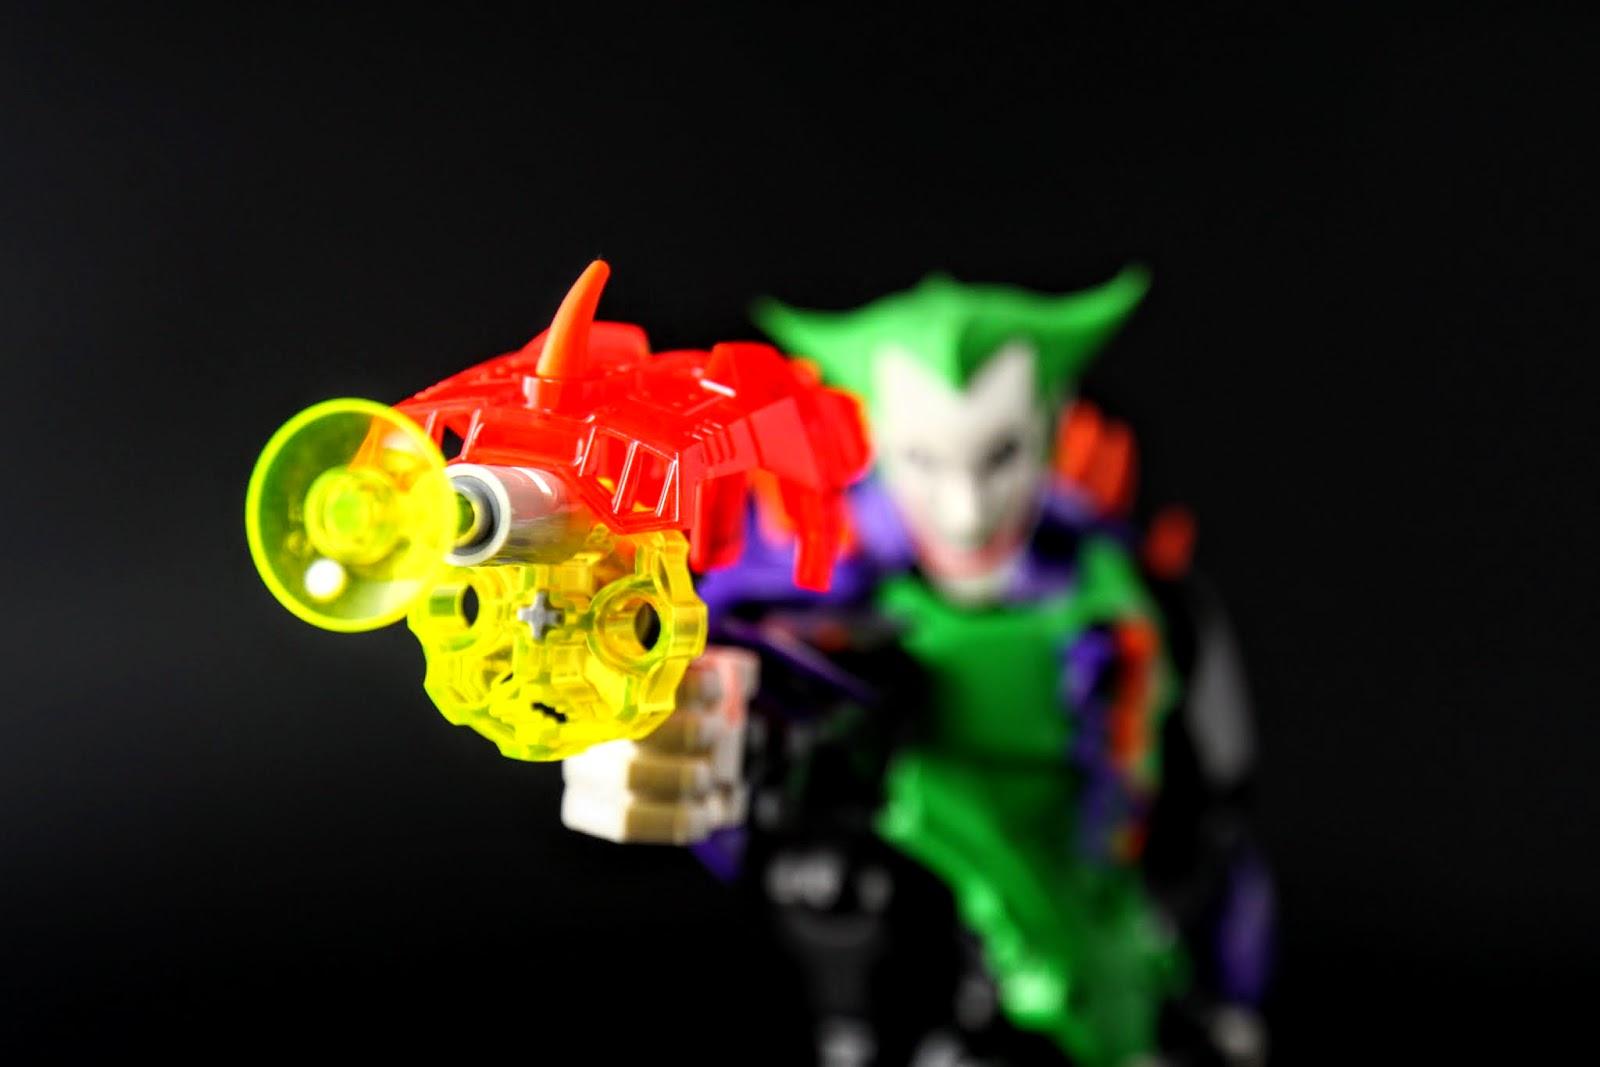 小丑的手槍,但這把比較像是光波槍之類的